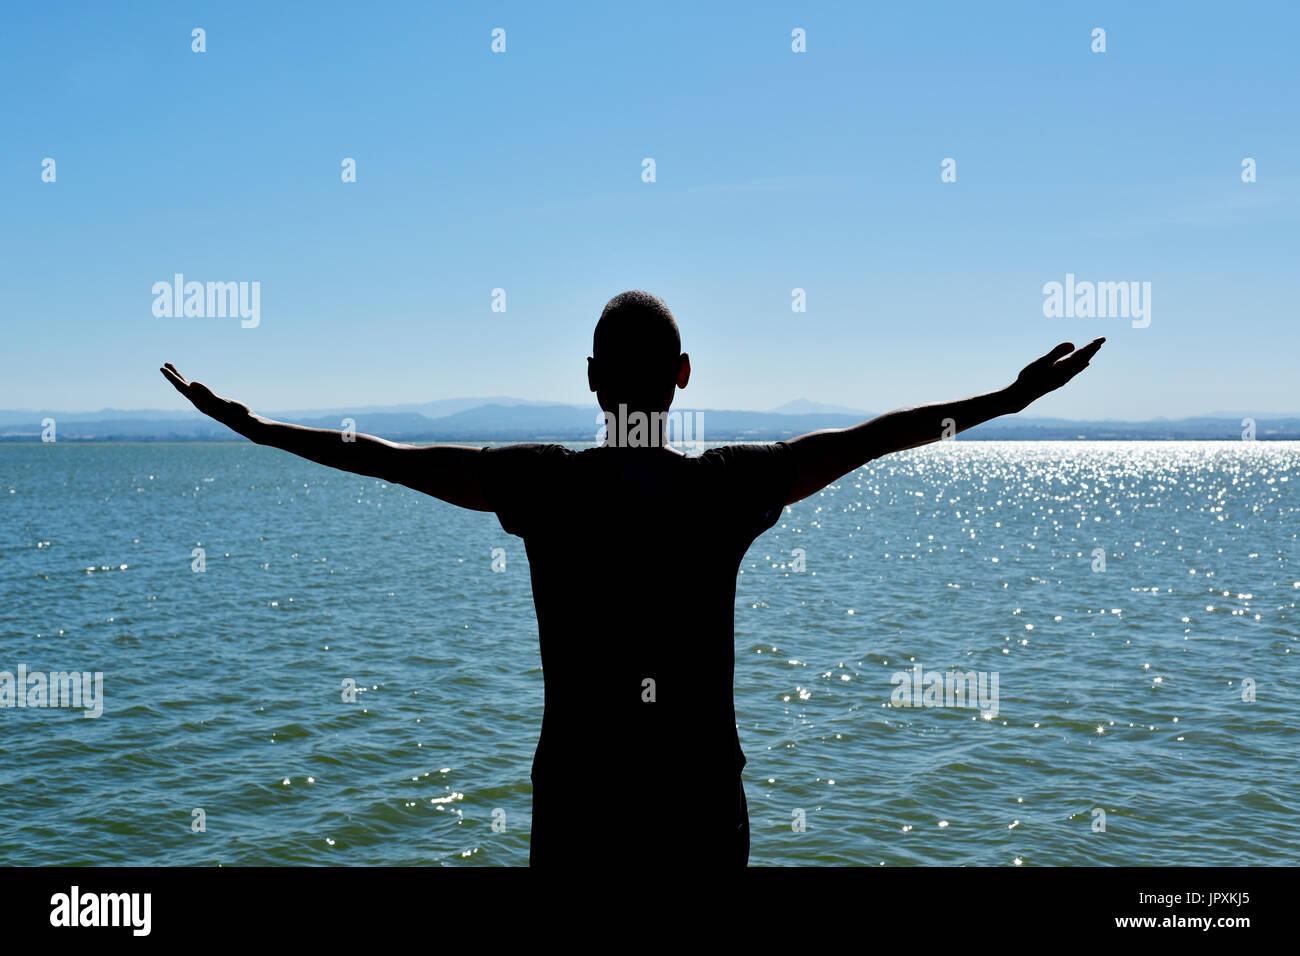 die Silhouette eines jungen Mannes kaukasischen gesehen von hinten mit den Armen in der Luft vor dem Ozean frei fühlen Stockbild